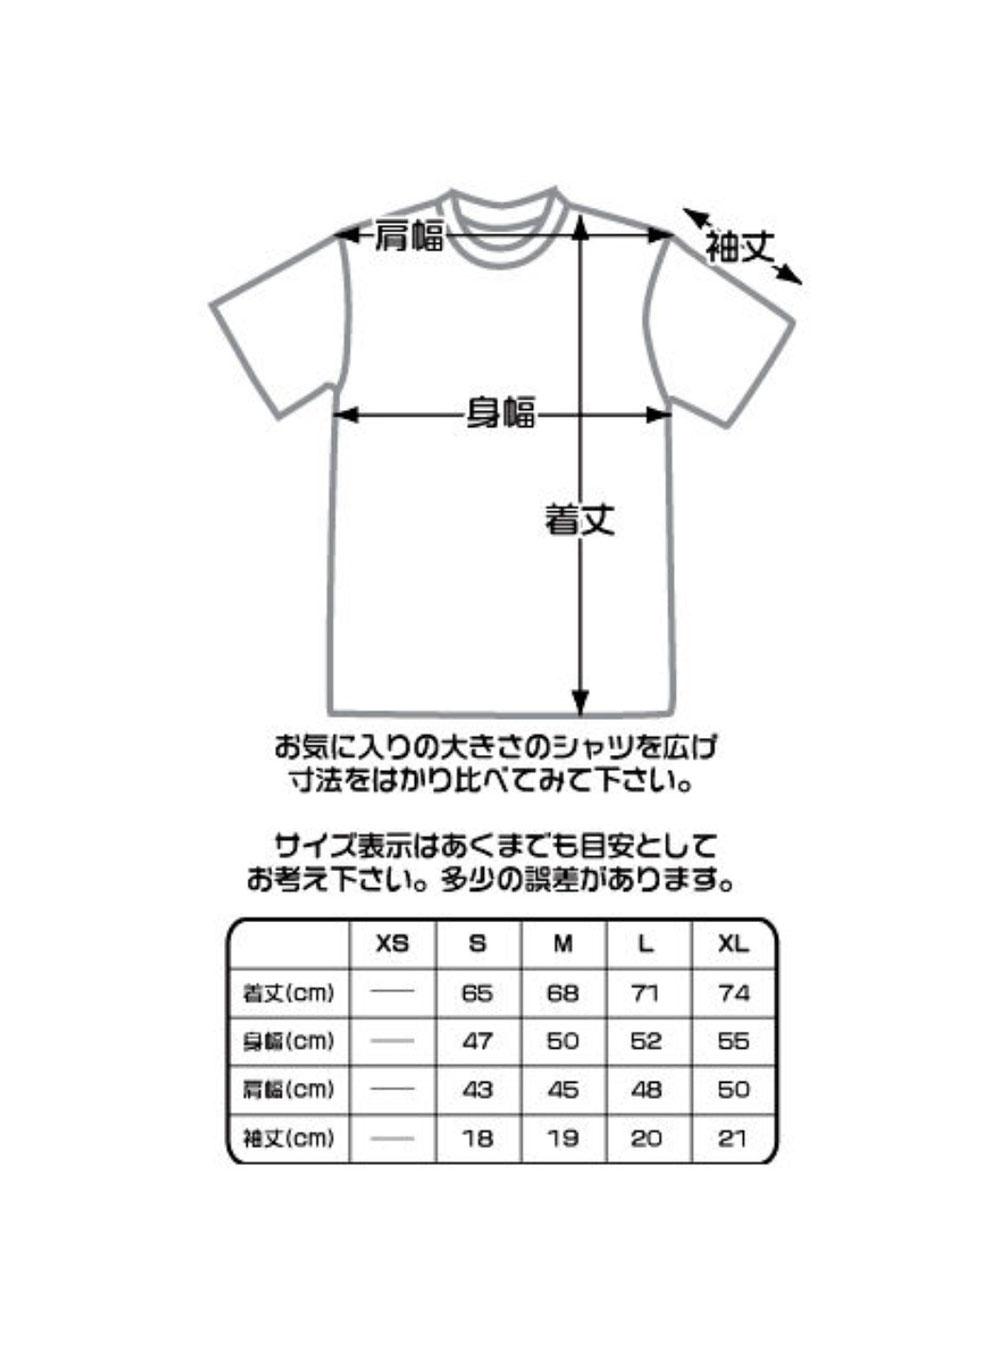 ワンダフルワンフィールド公式ティシャツサイズ表